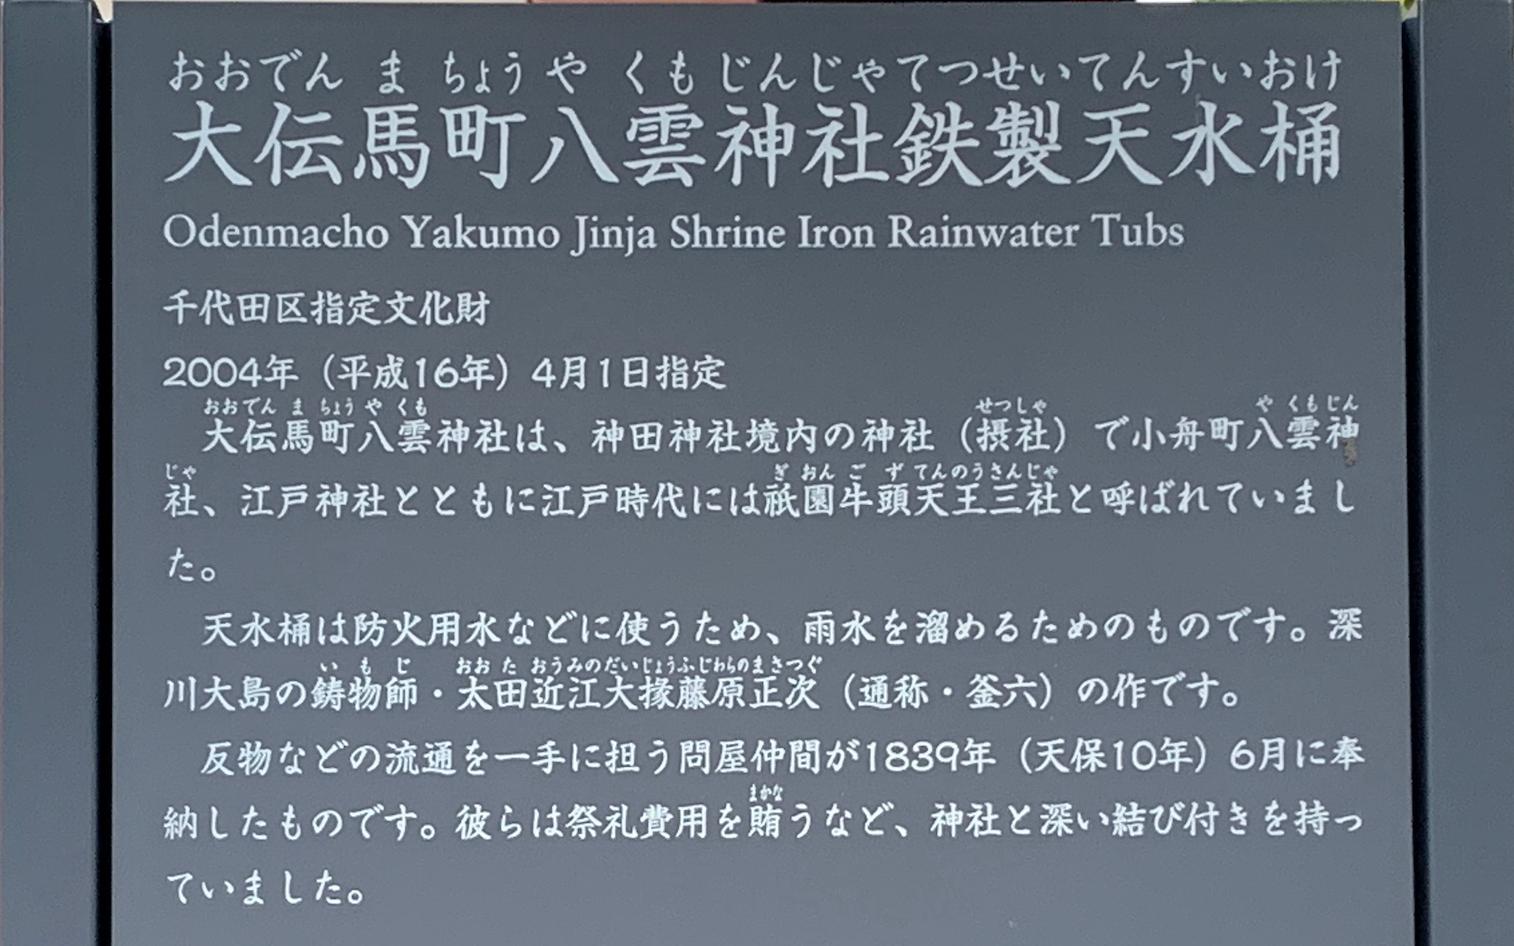 大伝町八雲神社鉄製天水桶の案内